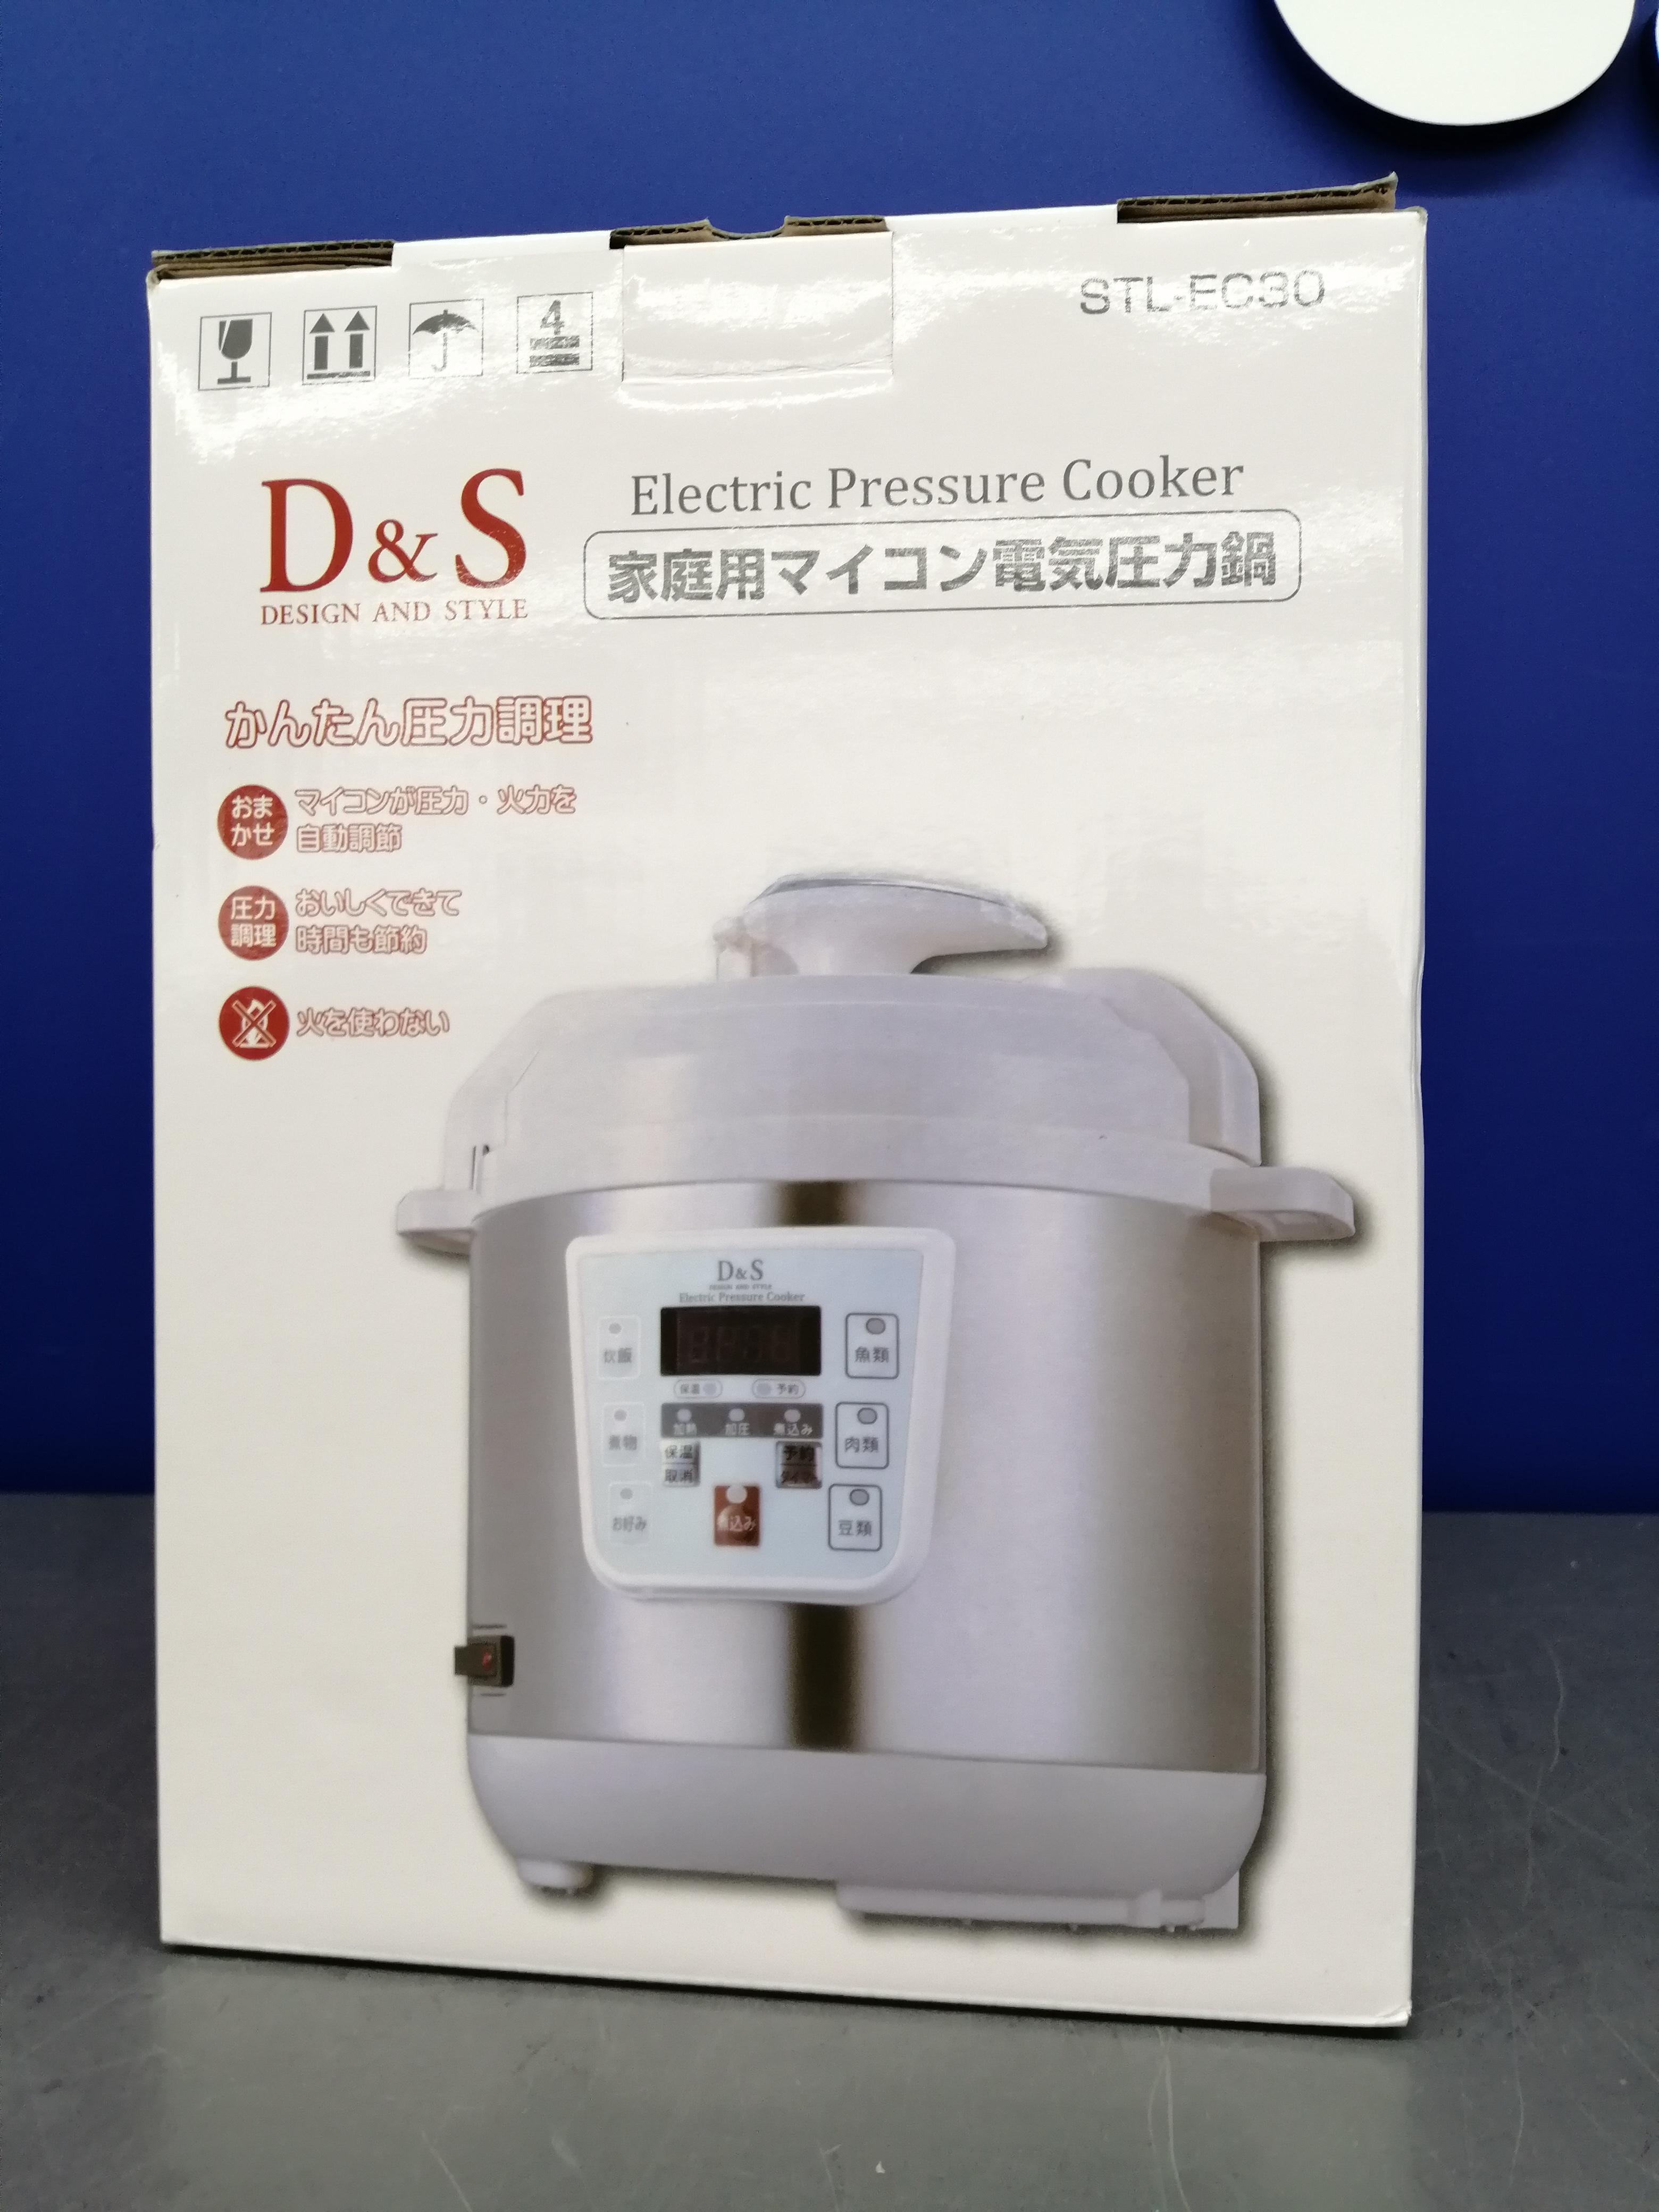 電気圧力鍋 D&S